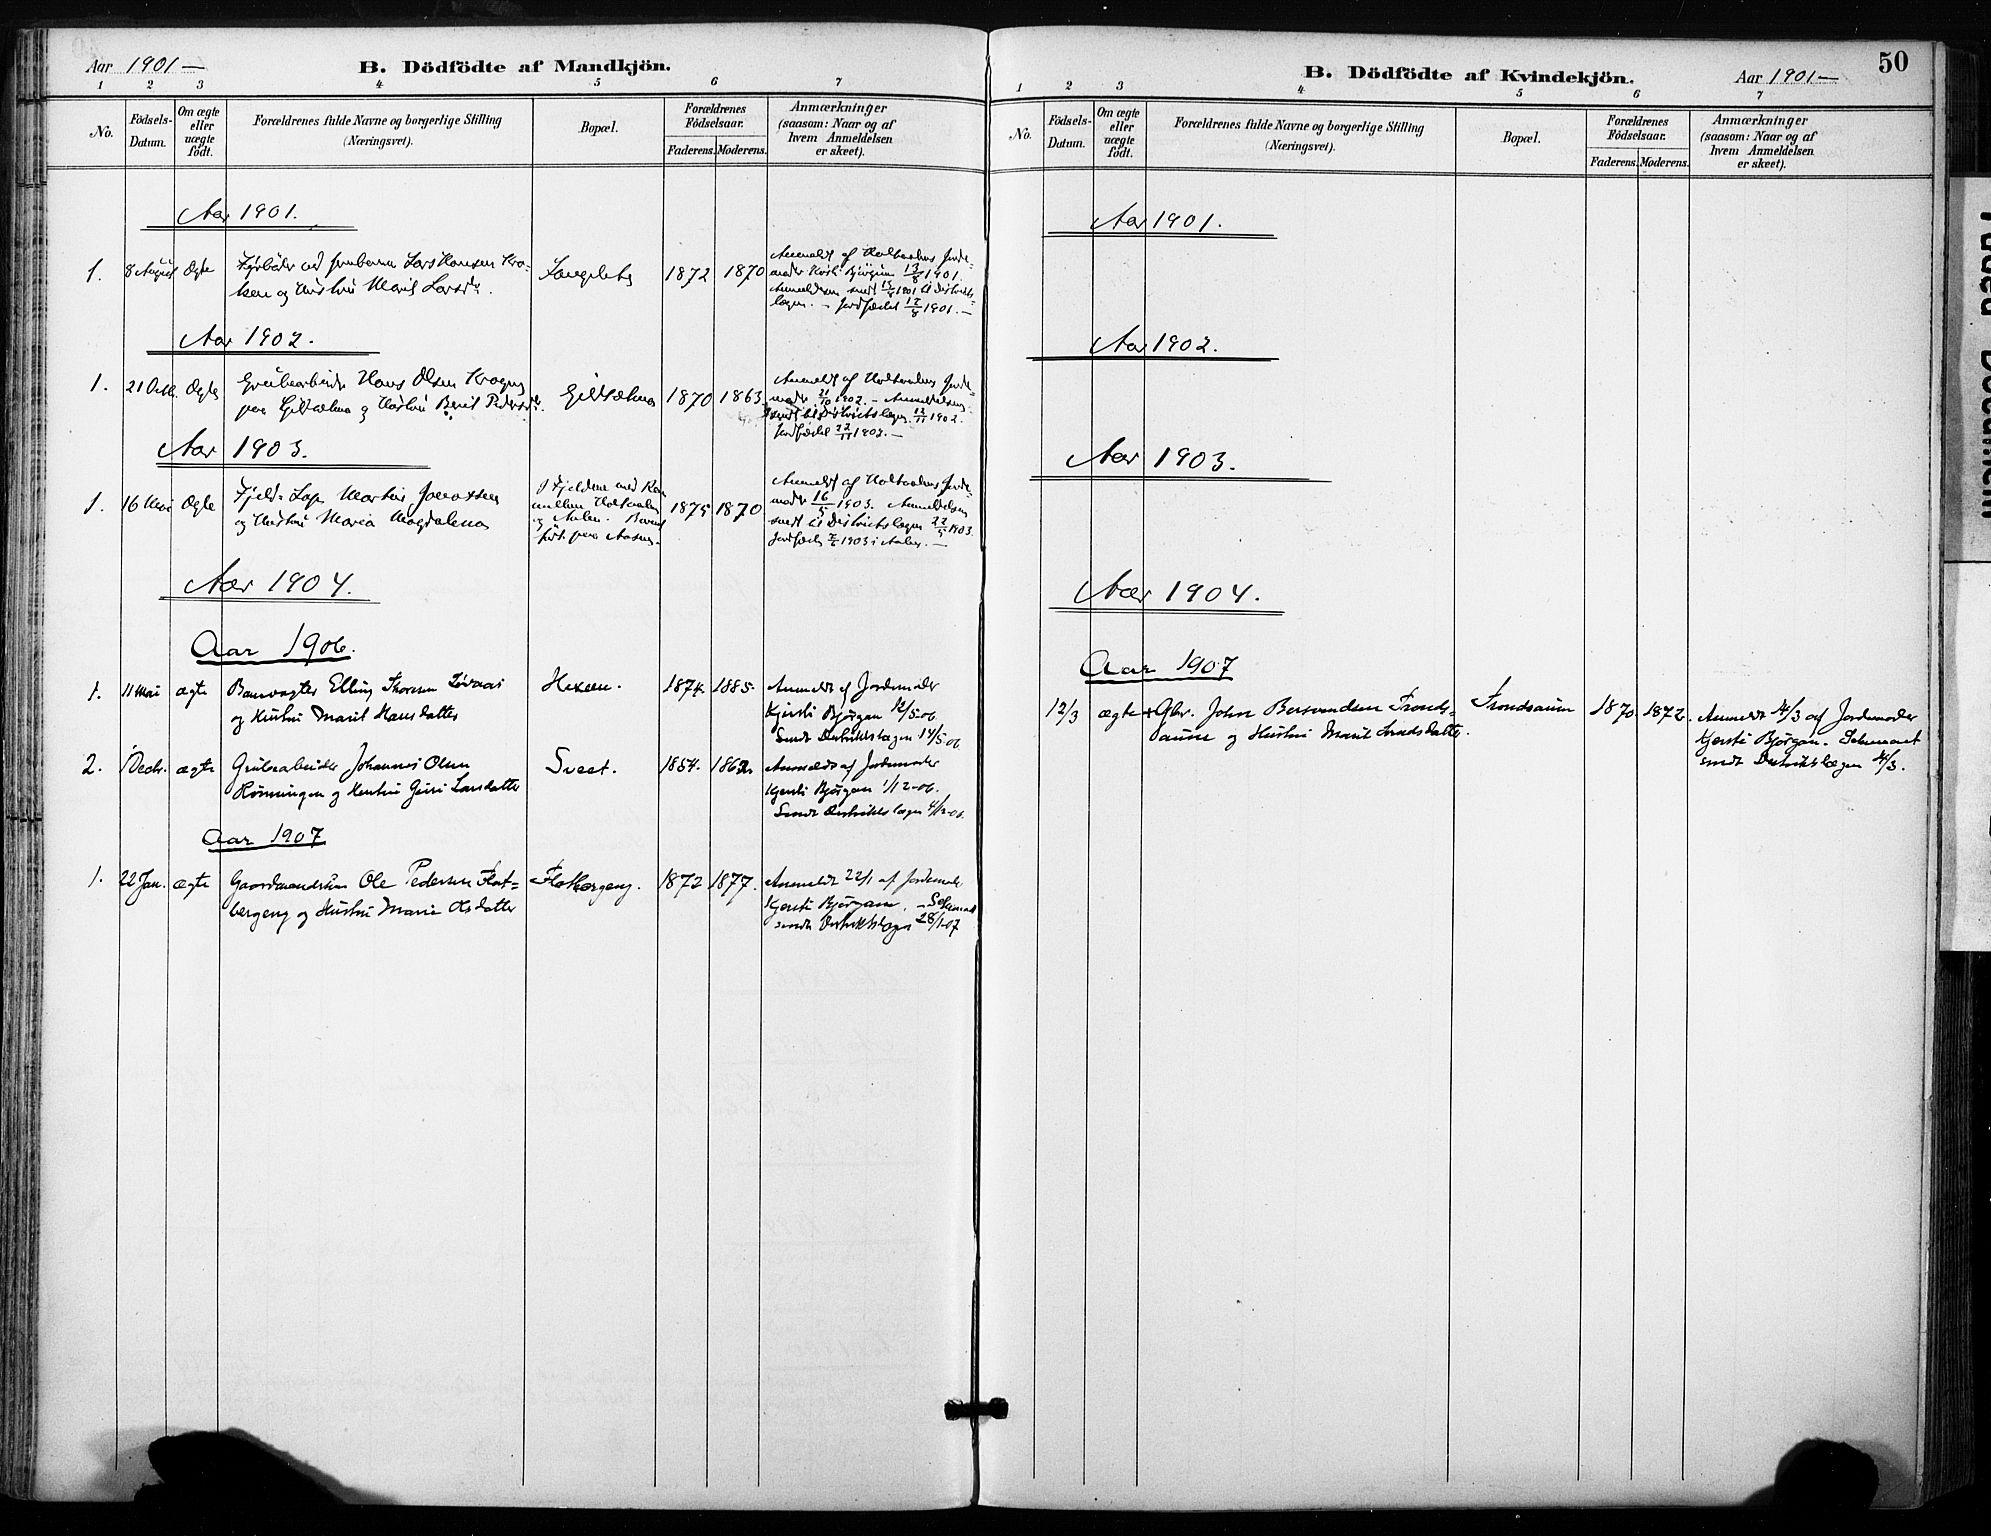 SAT, Ministerialprotokoller, klokkerbøker og fødselsregistre - Sør-Trøndelag, 685/L0973: Ministerialbok nr. 685A10, 1891-1907, s. 50